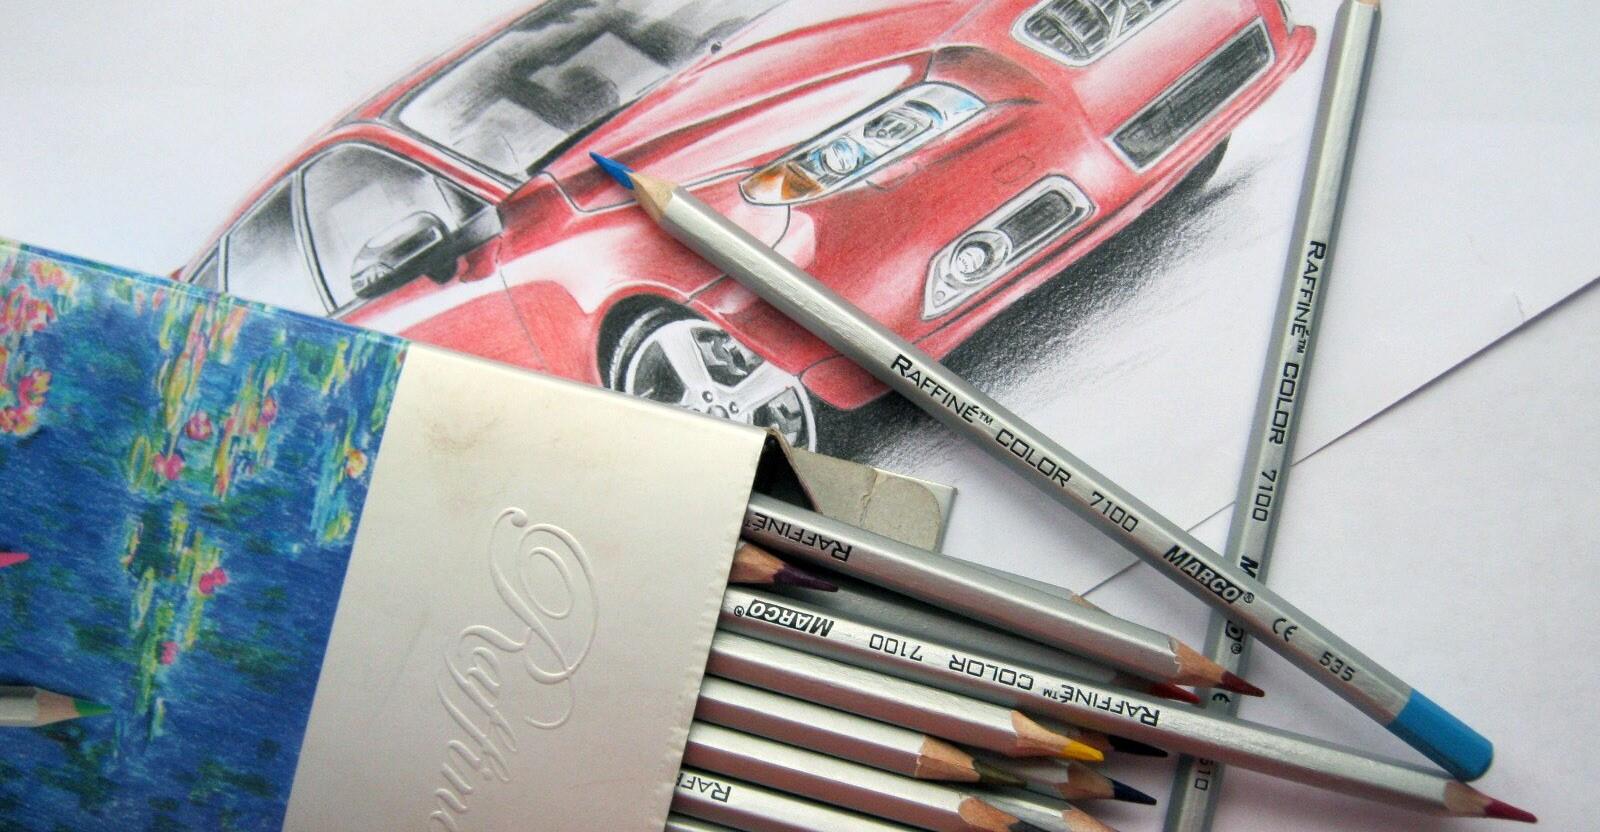 03.Мои материалы для рисования